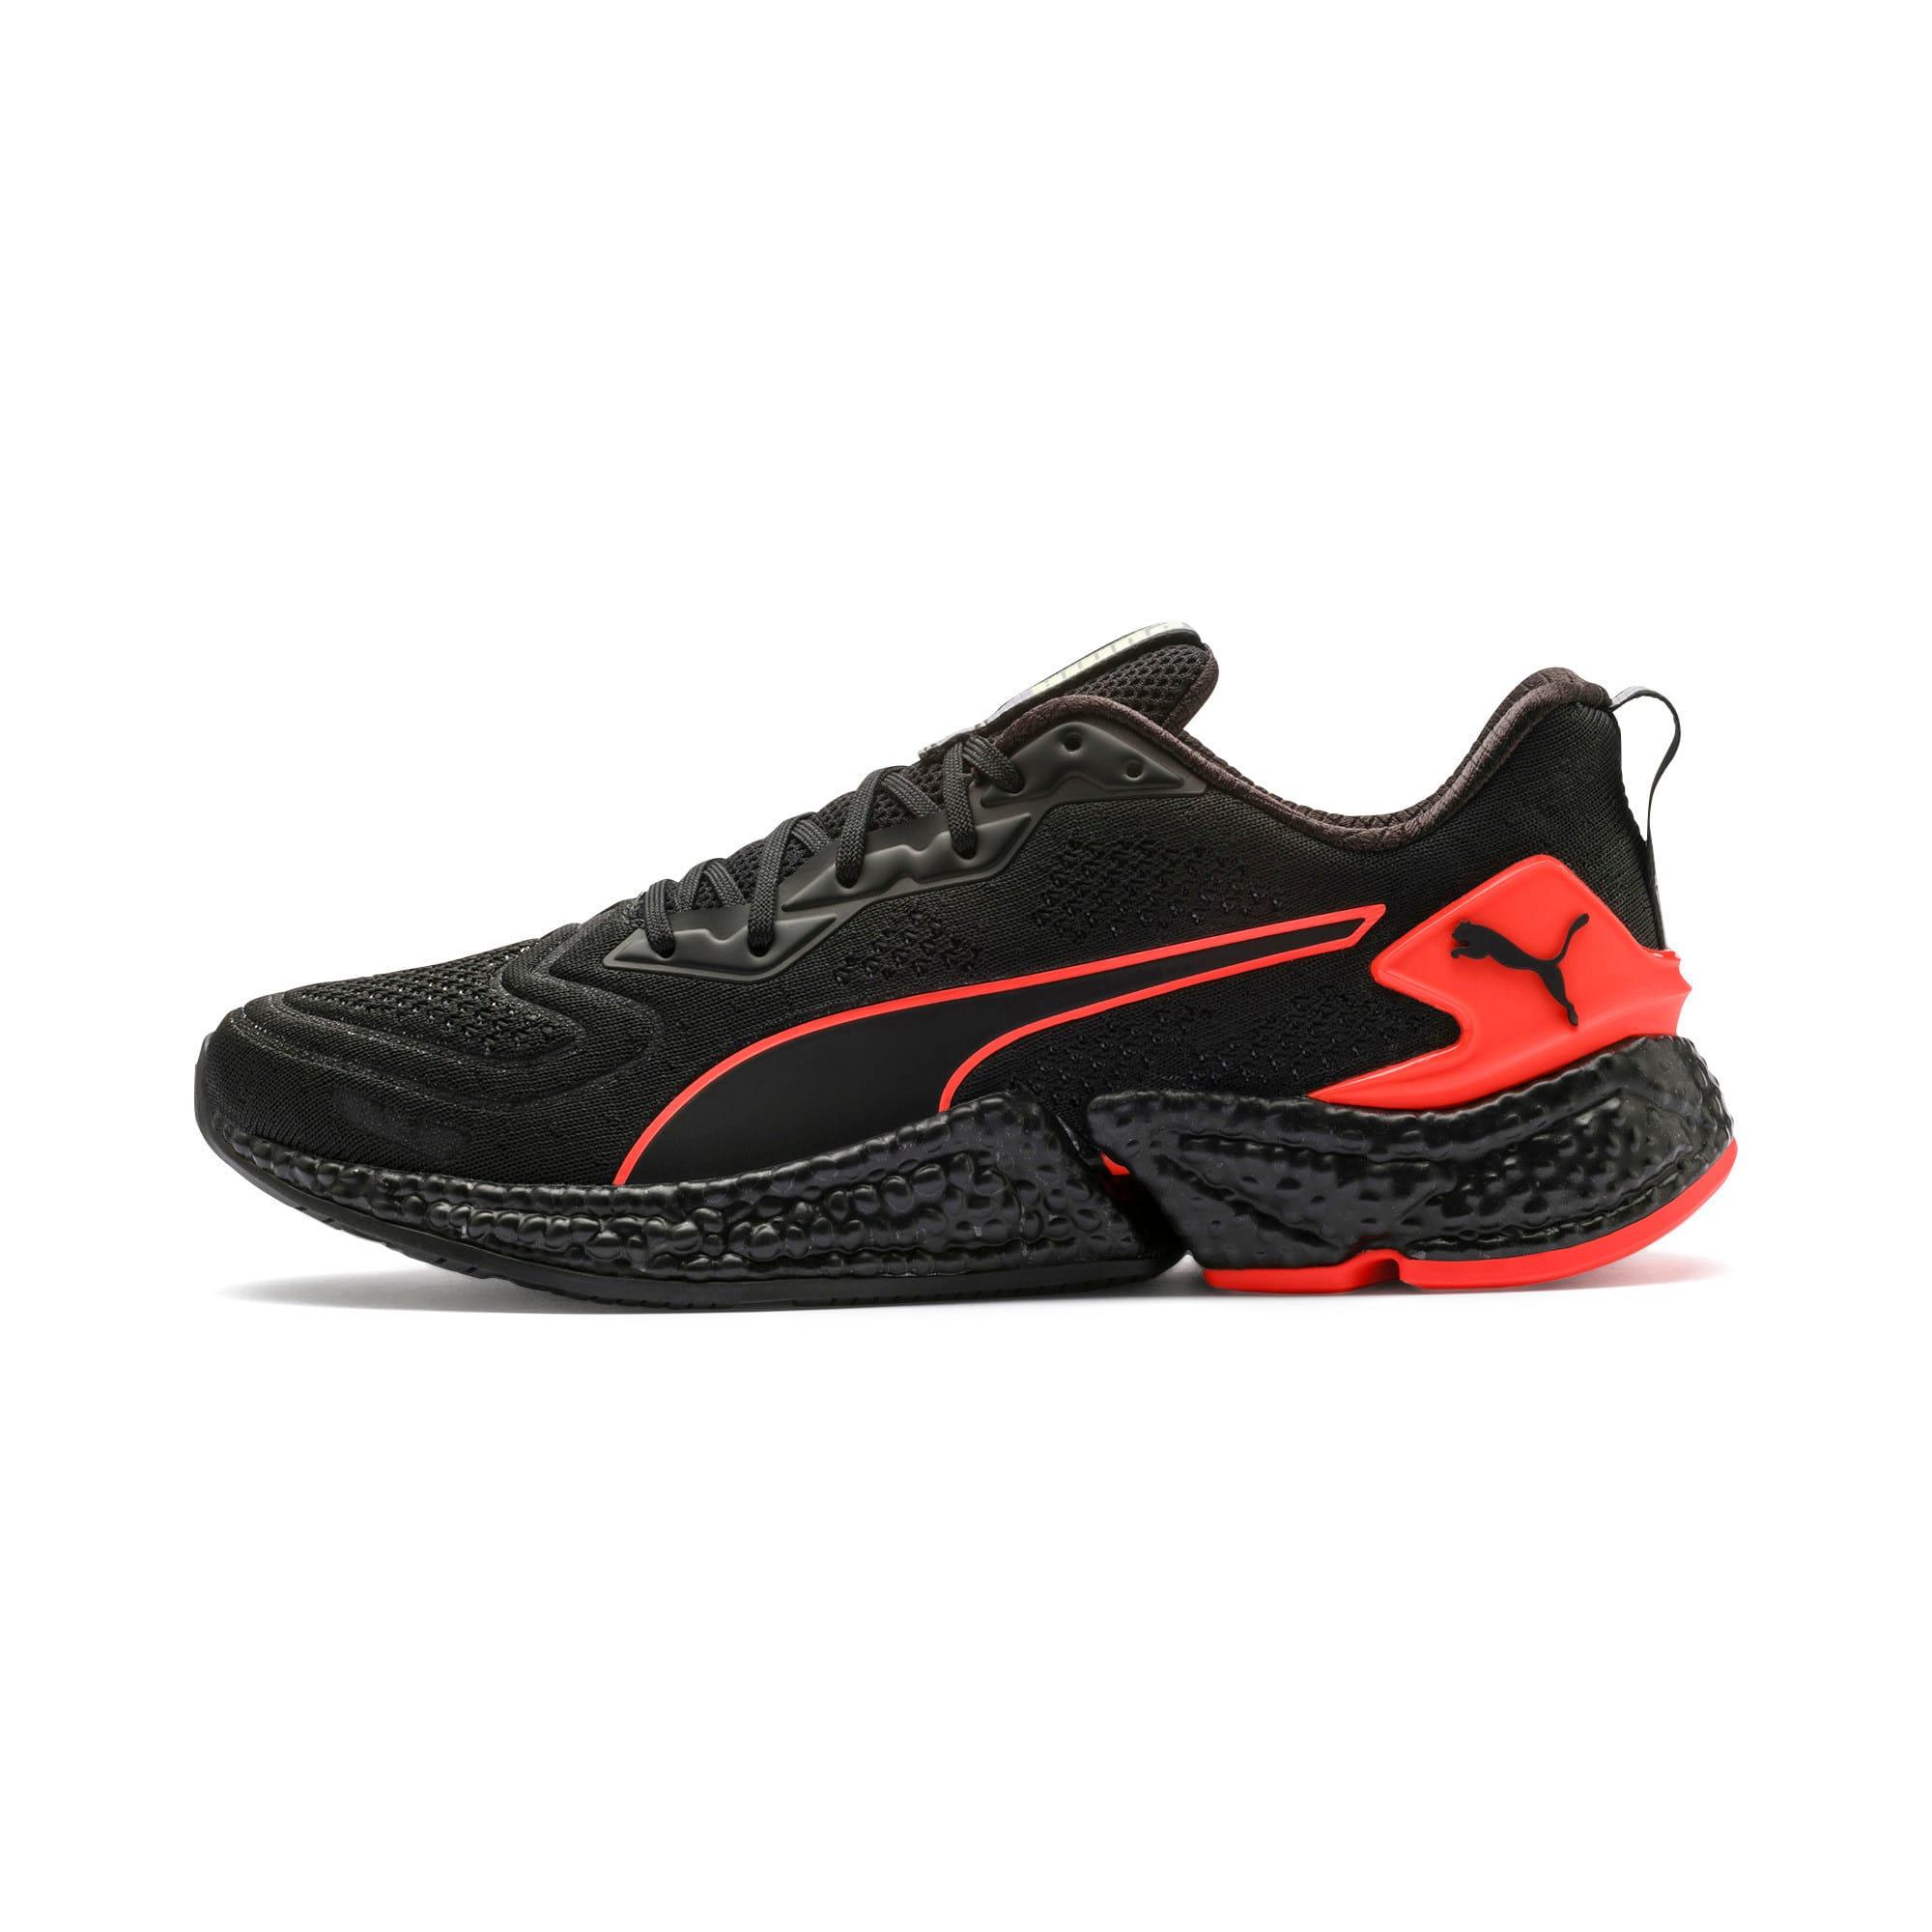 Thumbnail 1 of HYBRID SPEED Orbiter Men's Running Shoes, Black-Nrgy Red-Yellow, medium